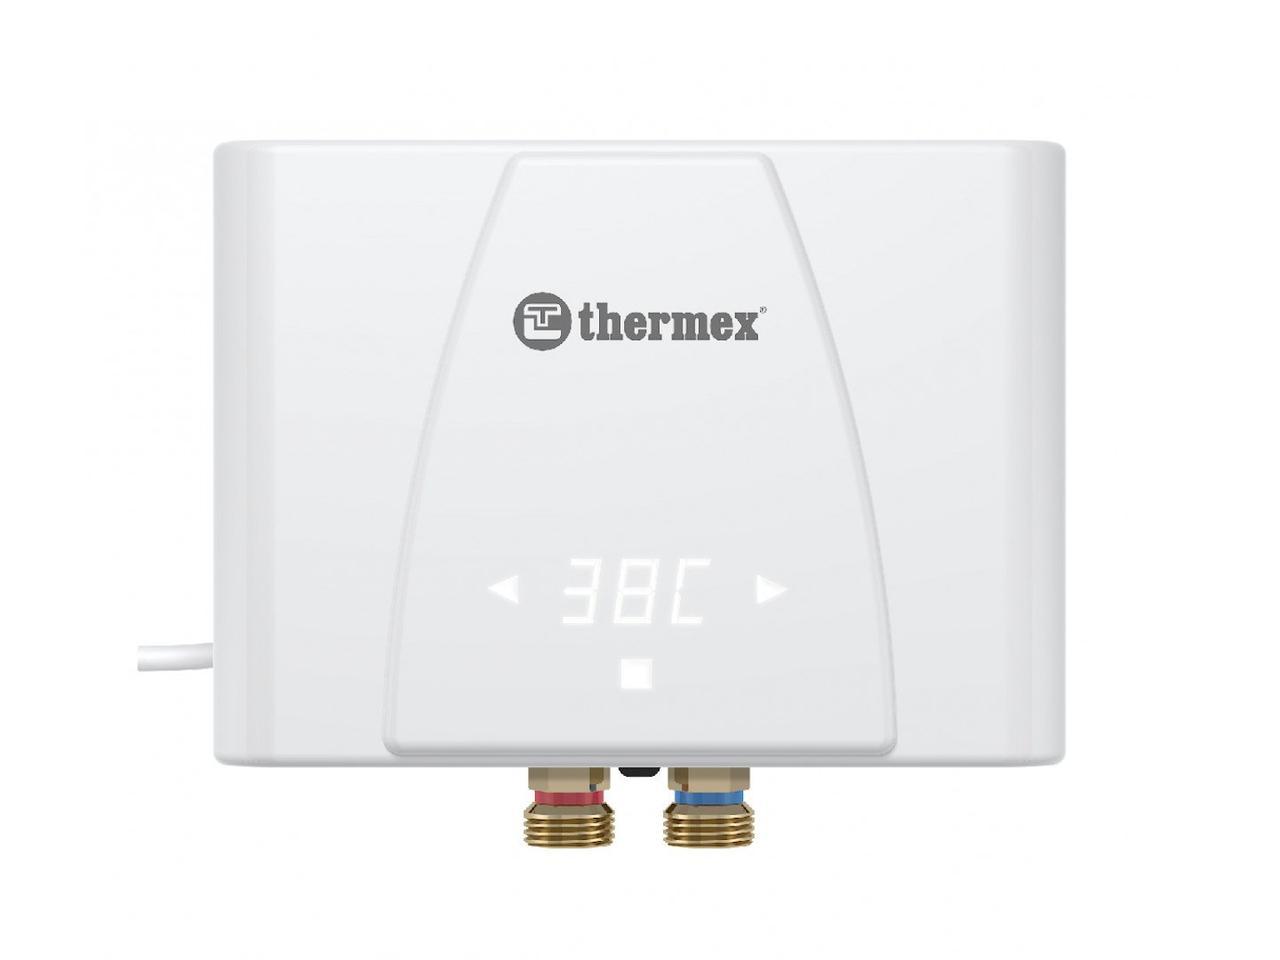 Електричні проточні водонагрівачі Thermex Trend 6000